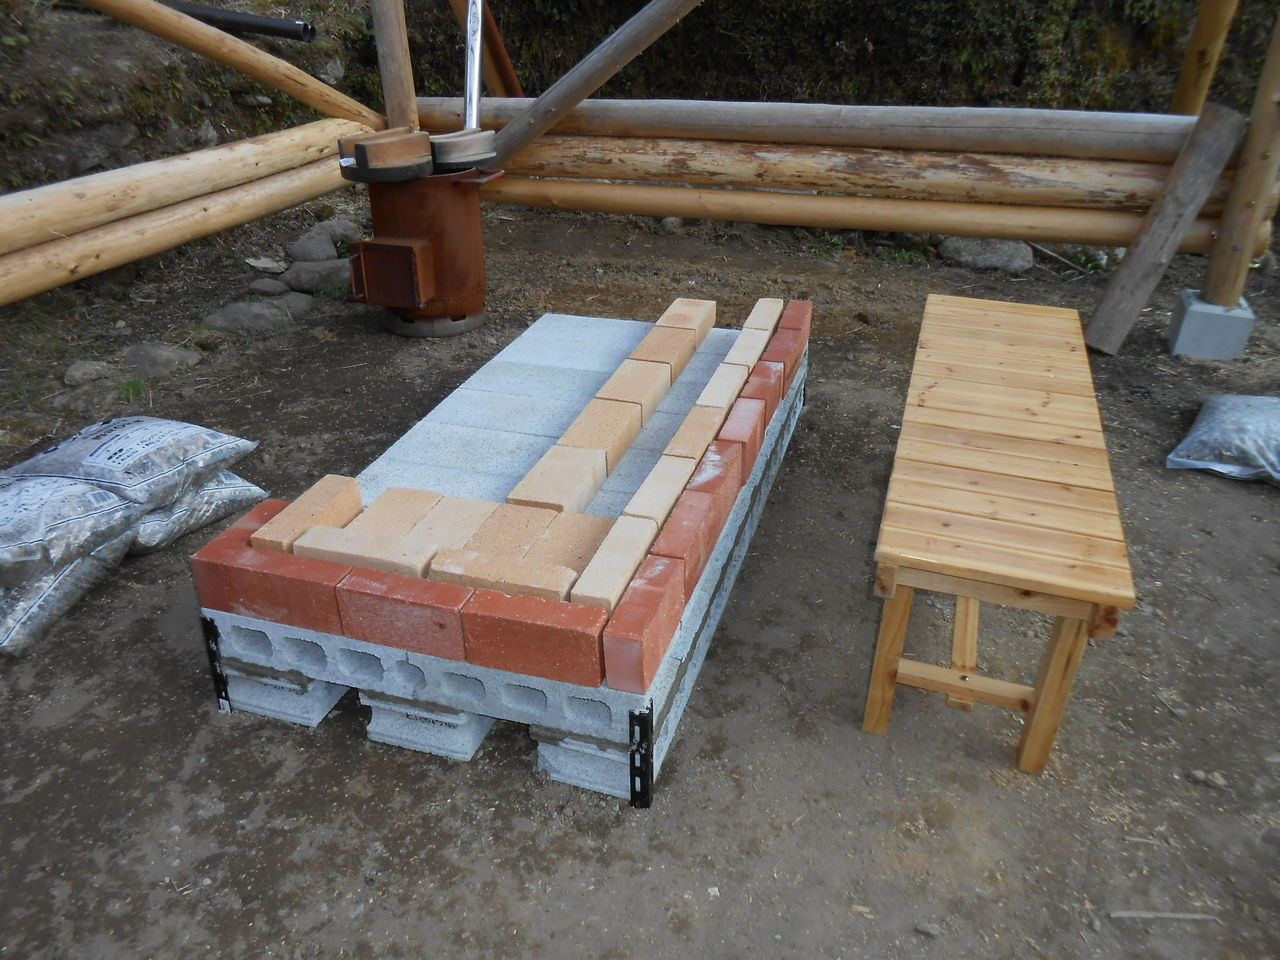 丸木小屋では、囲炉裏造りが始まっています。 : 熊野での田舎暮らし